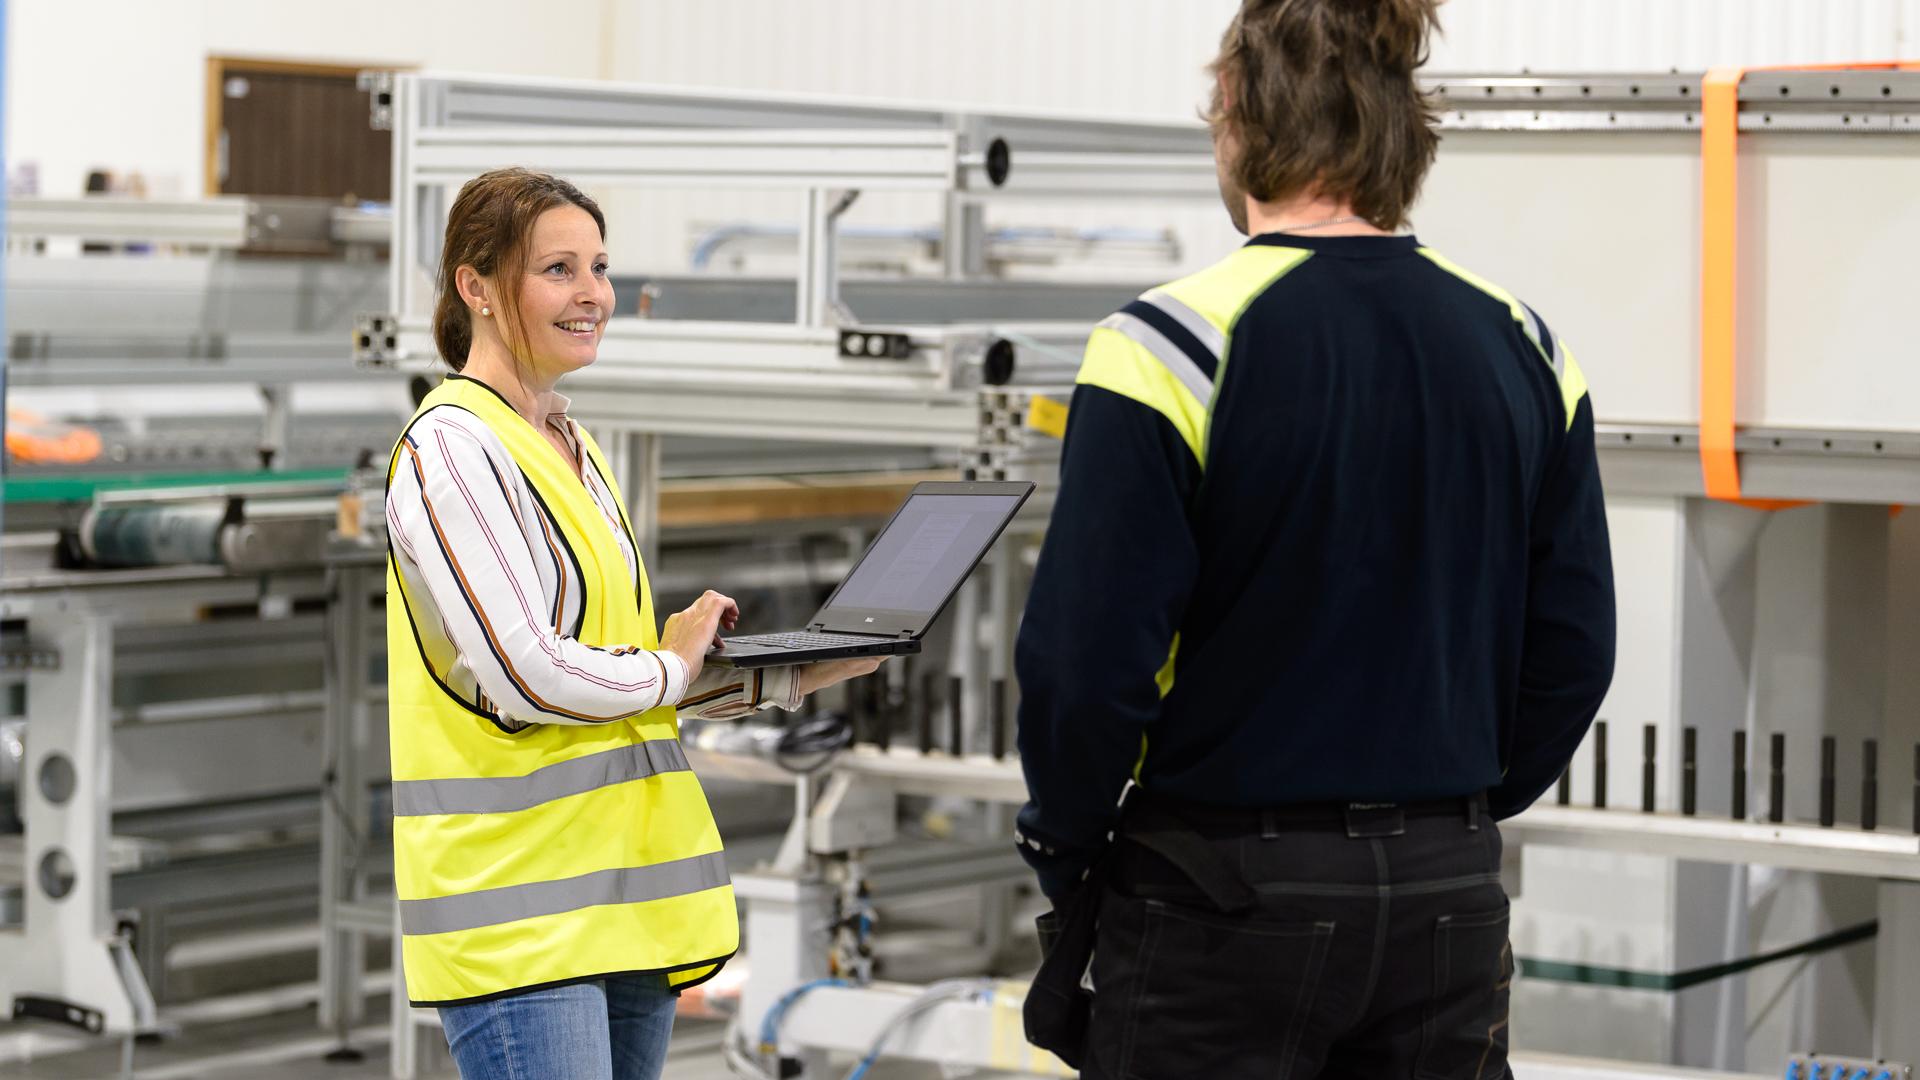 Bild på två personer i industrimiljö.